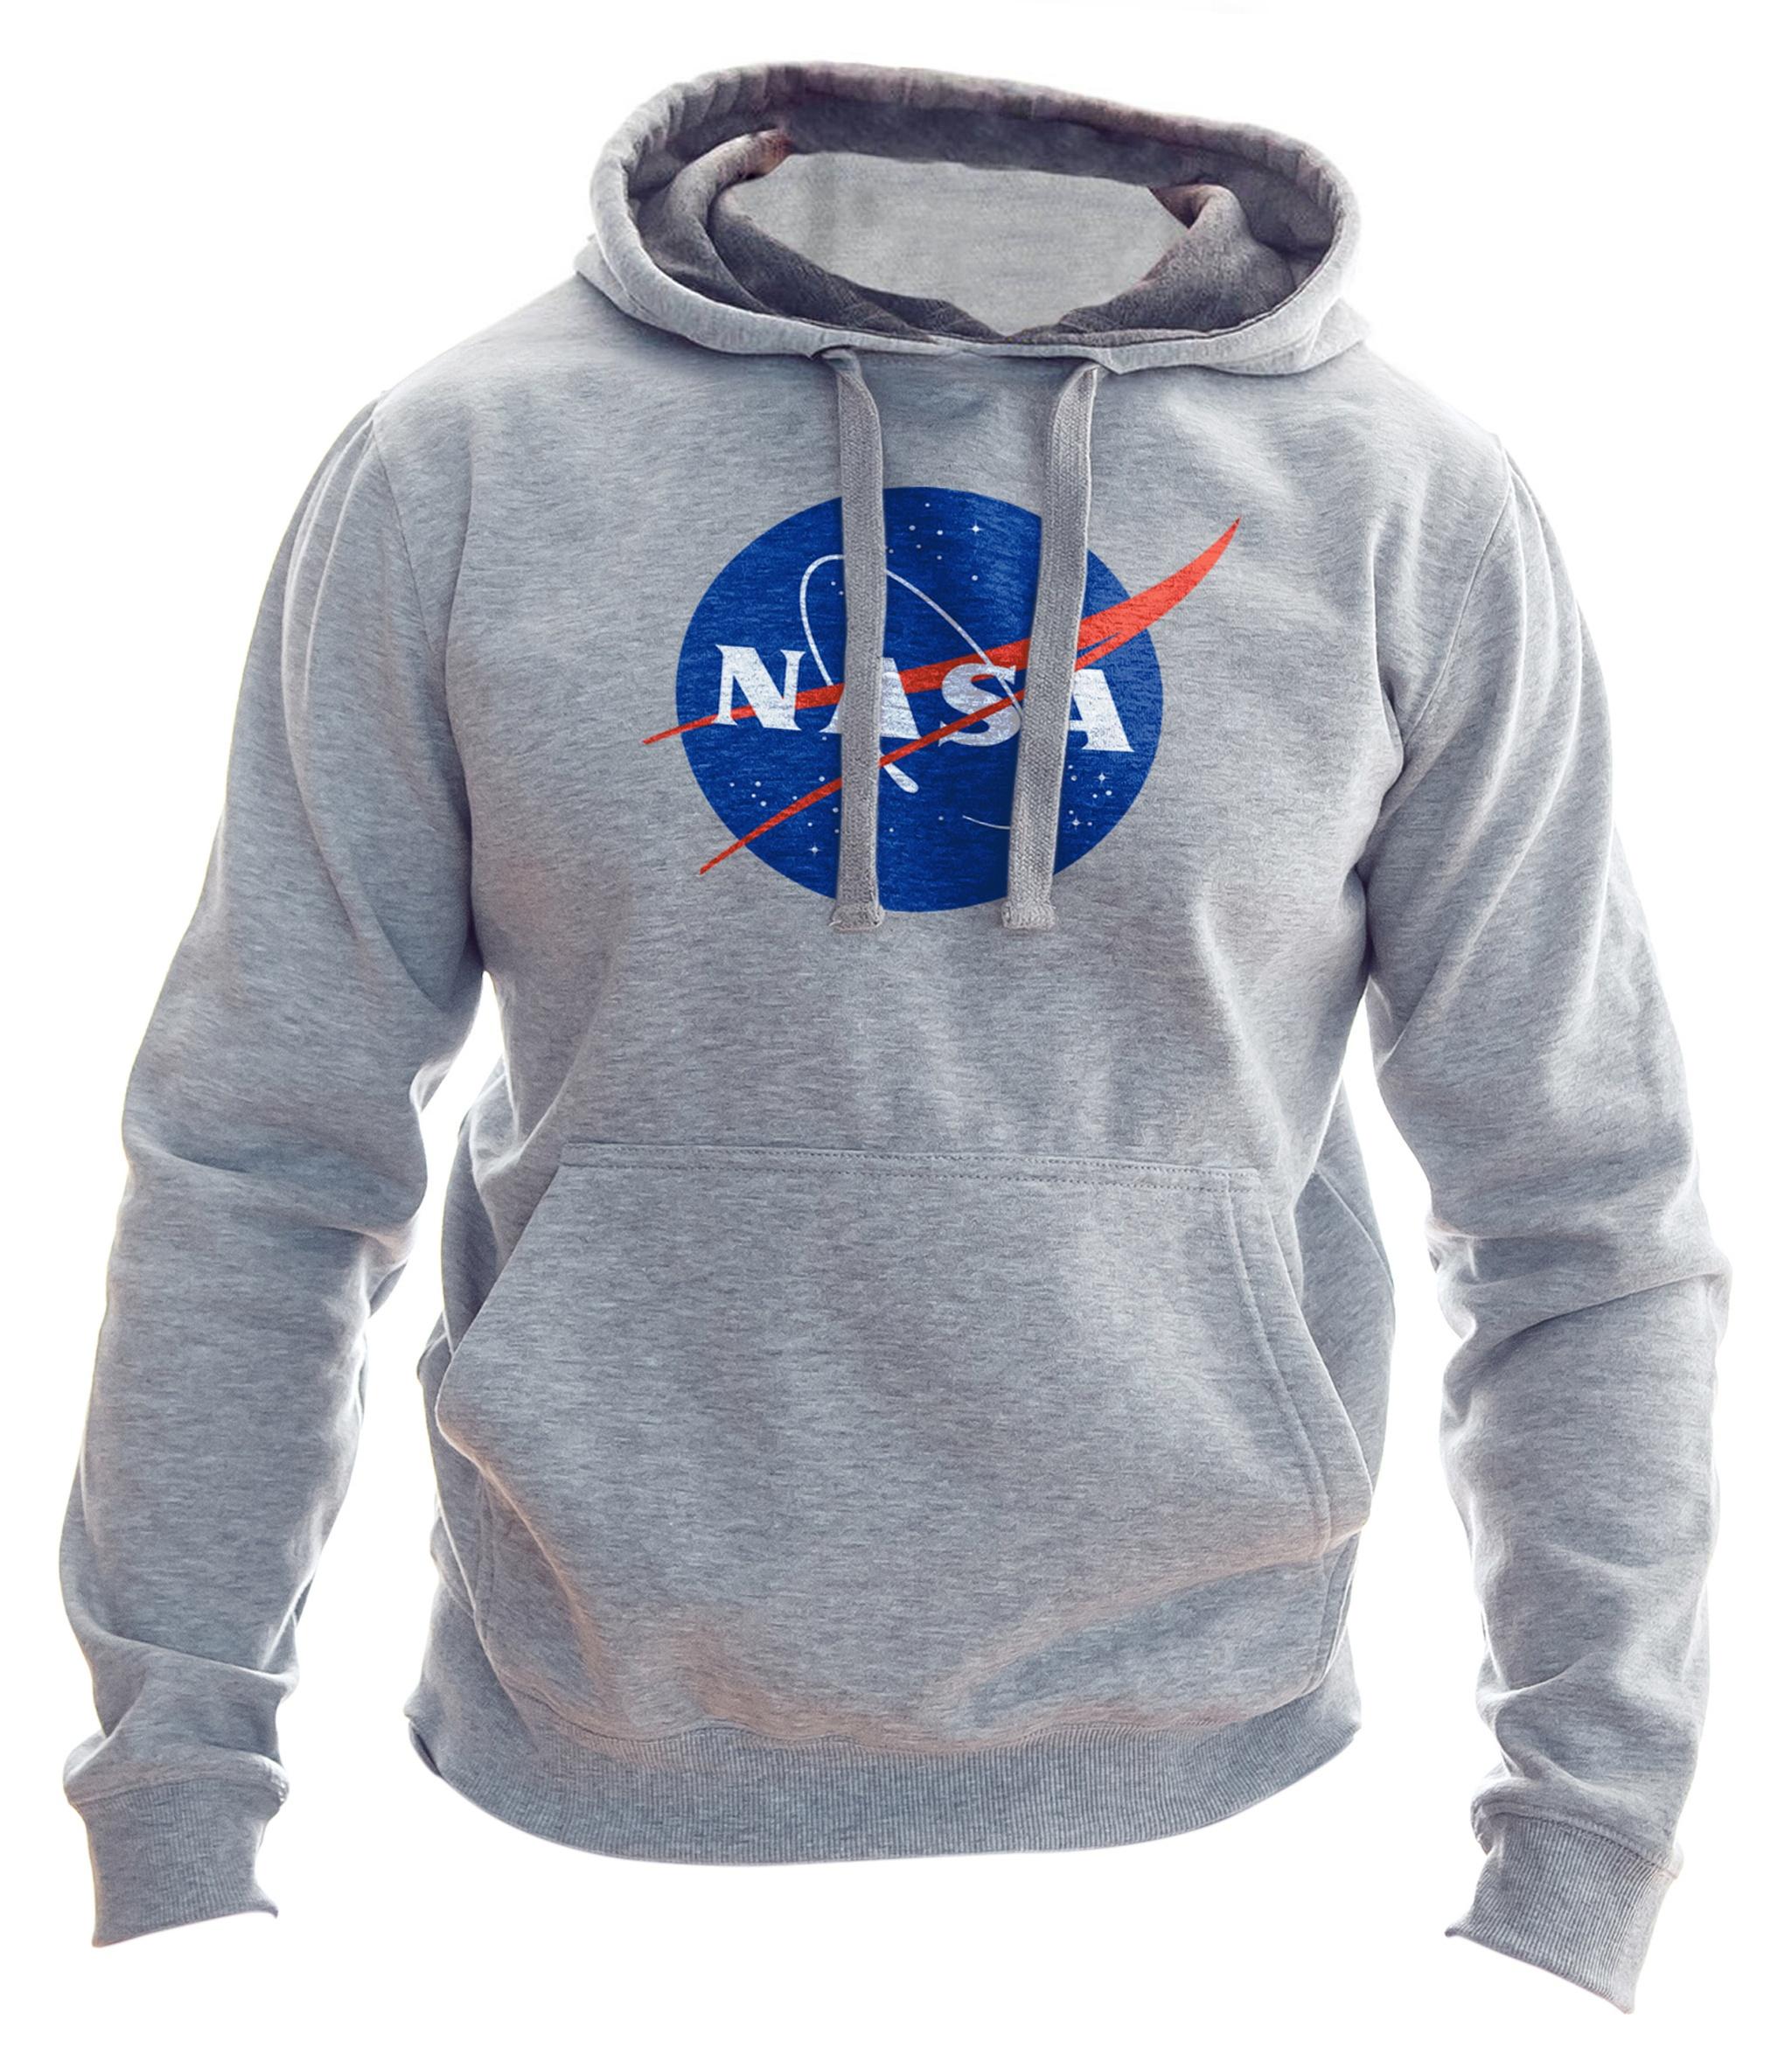 هودی مردانه به رسم طرح ناسا کد 185